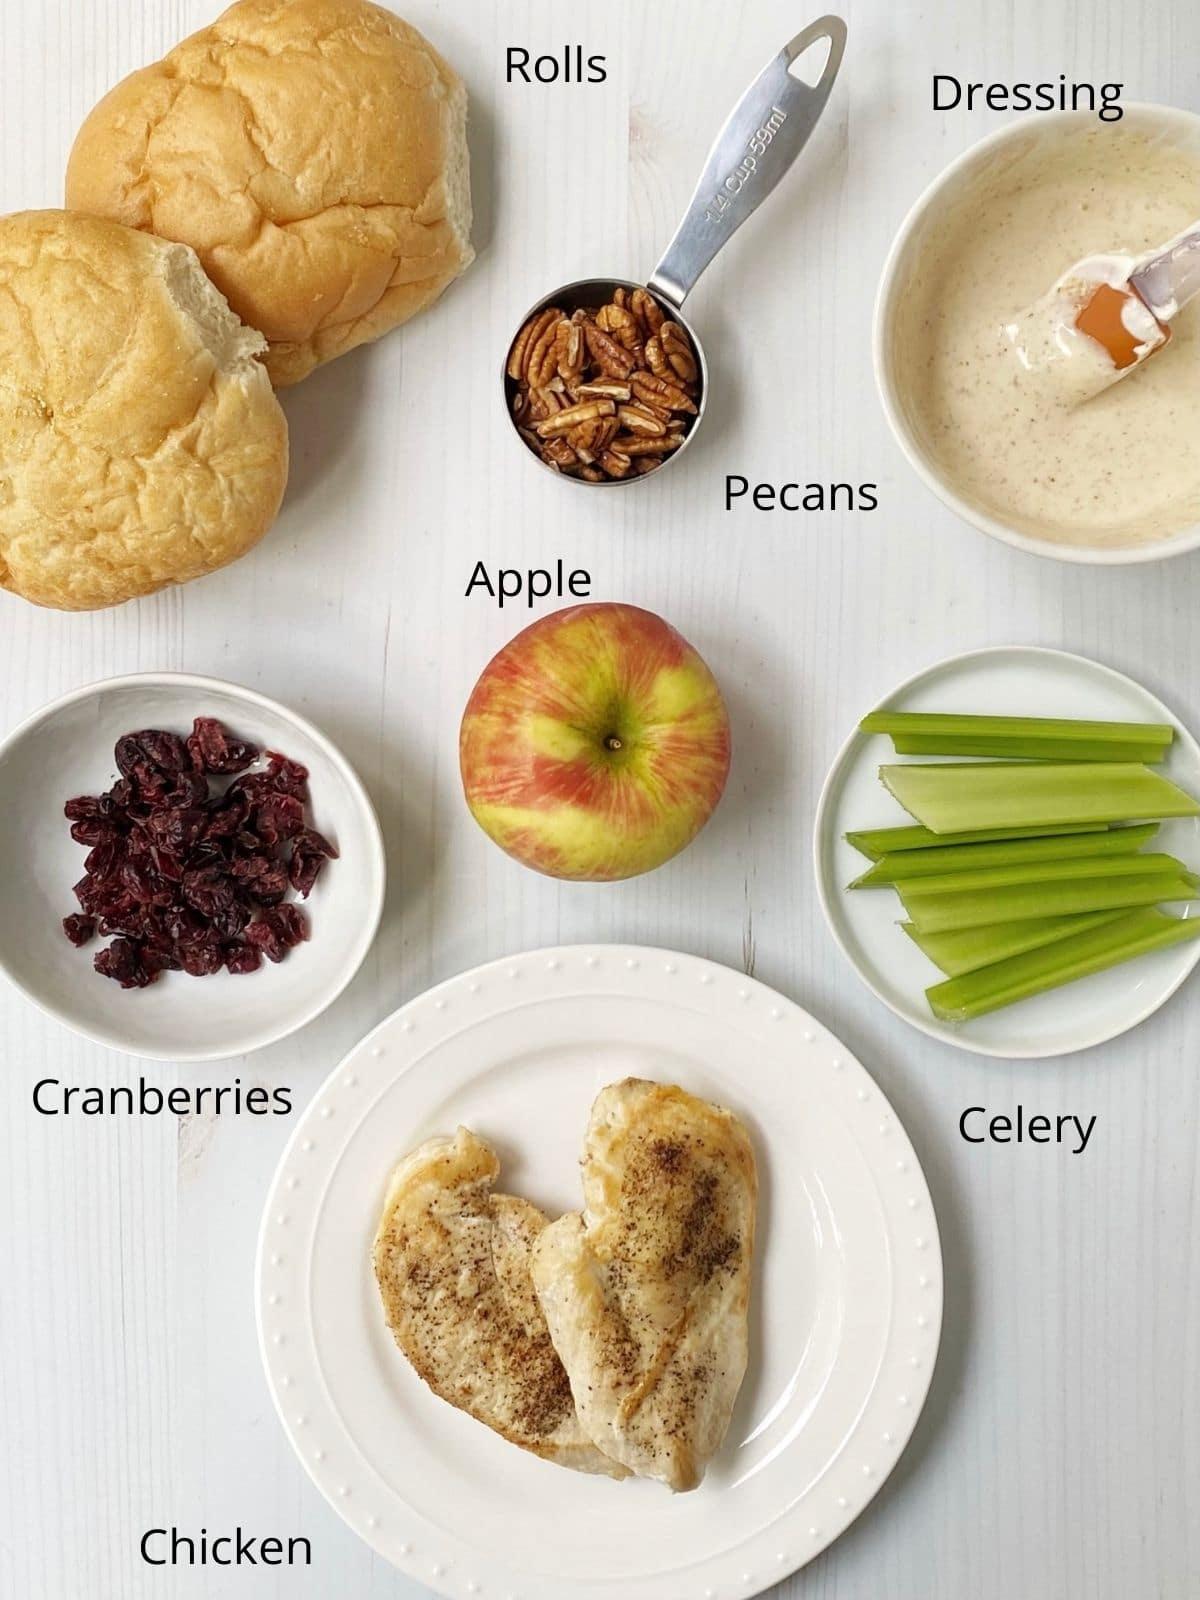 salad ingredients - chicken, pecans, apple, cranberries, celery, dressing and rolls